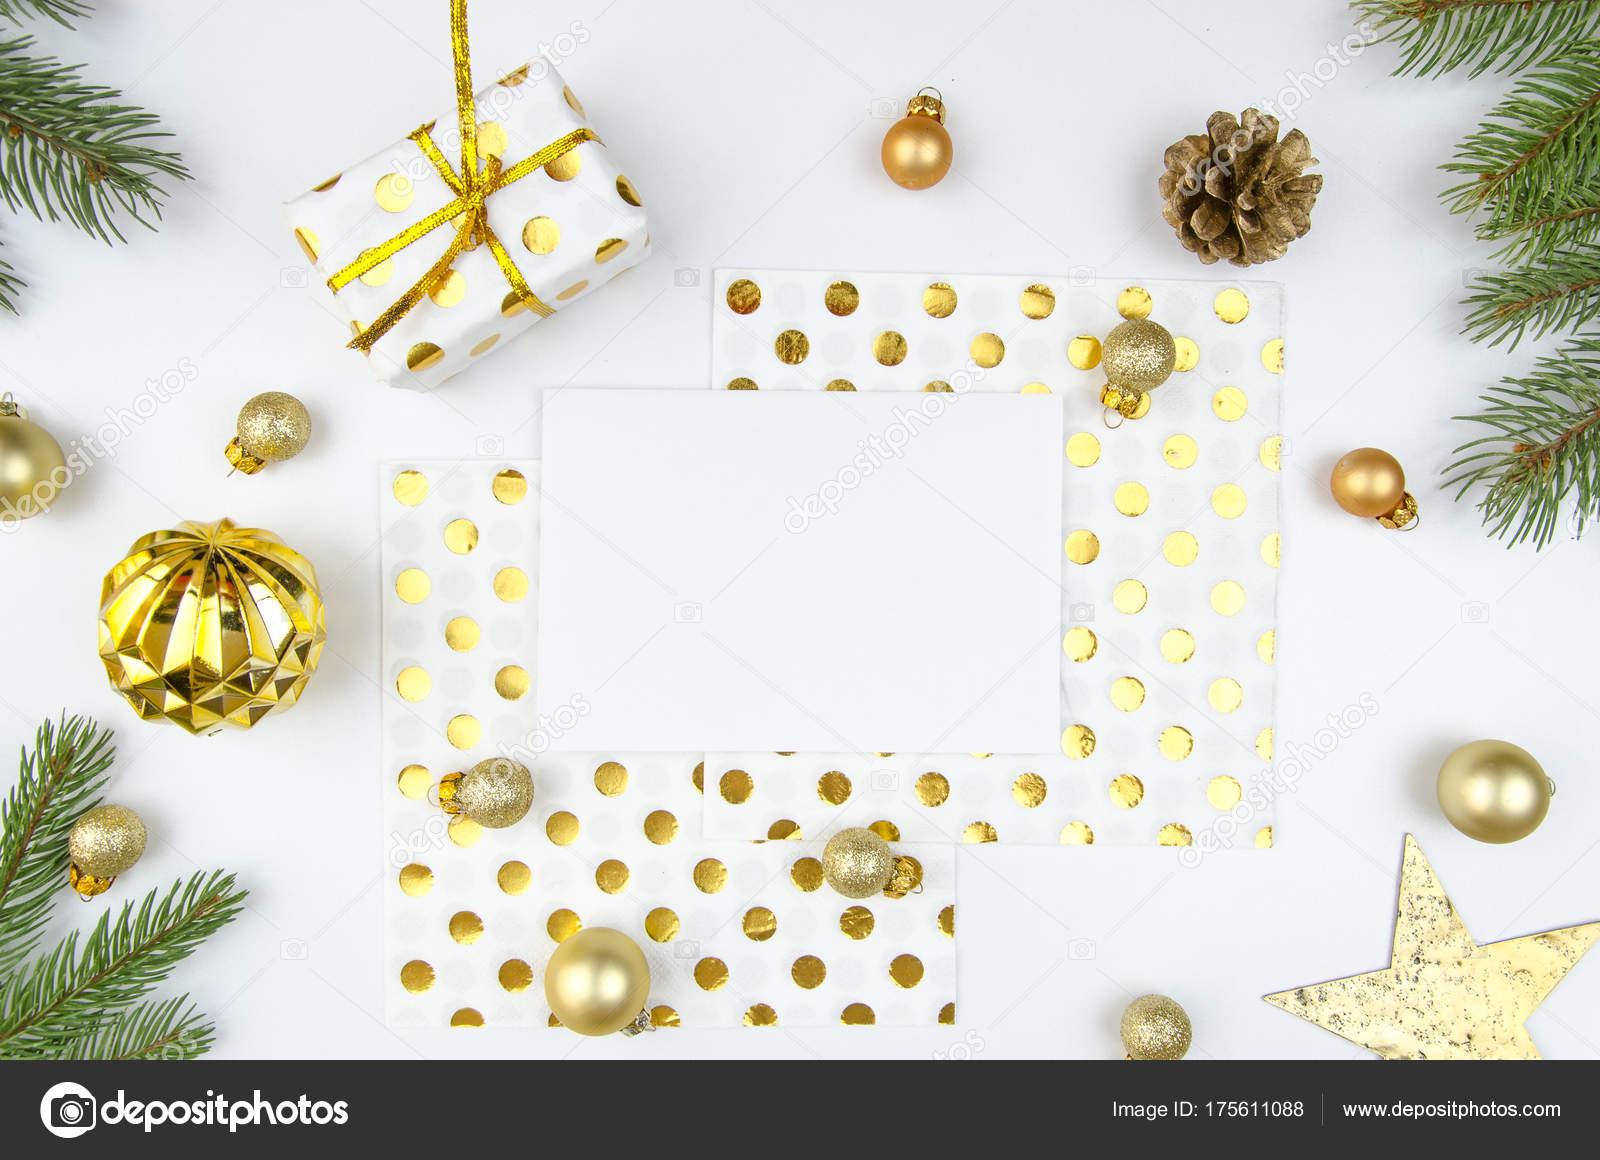 Romantische Weihnachten Komposition. Papier leer, Weihnachtsbaum ...